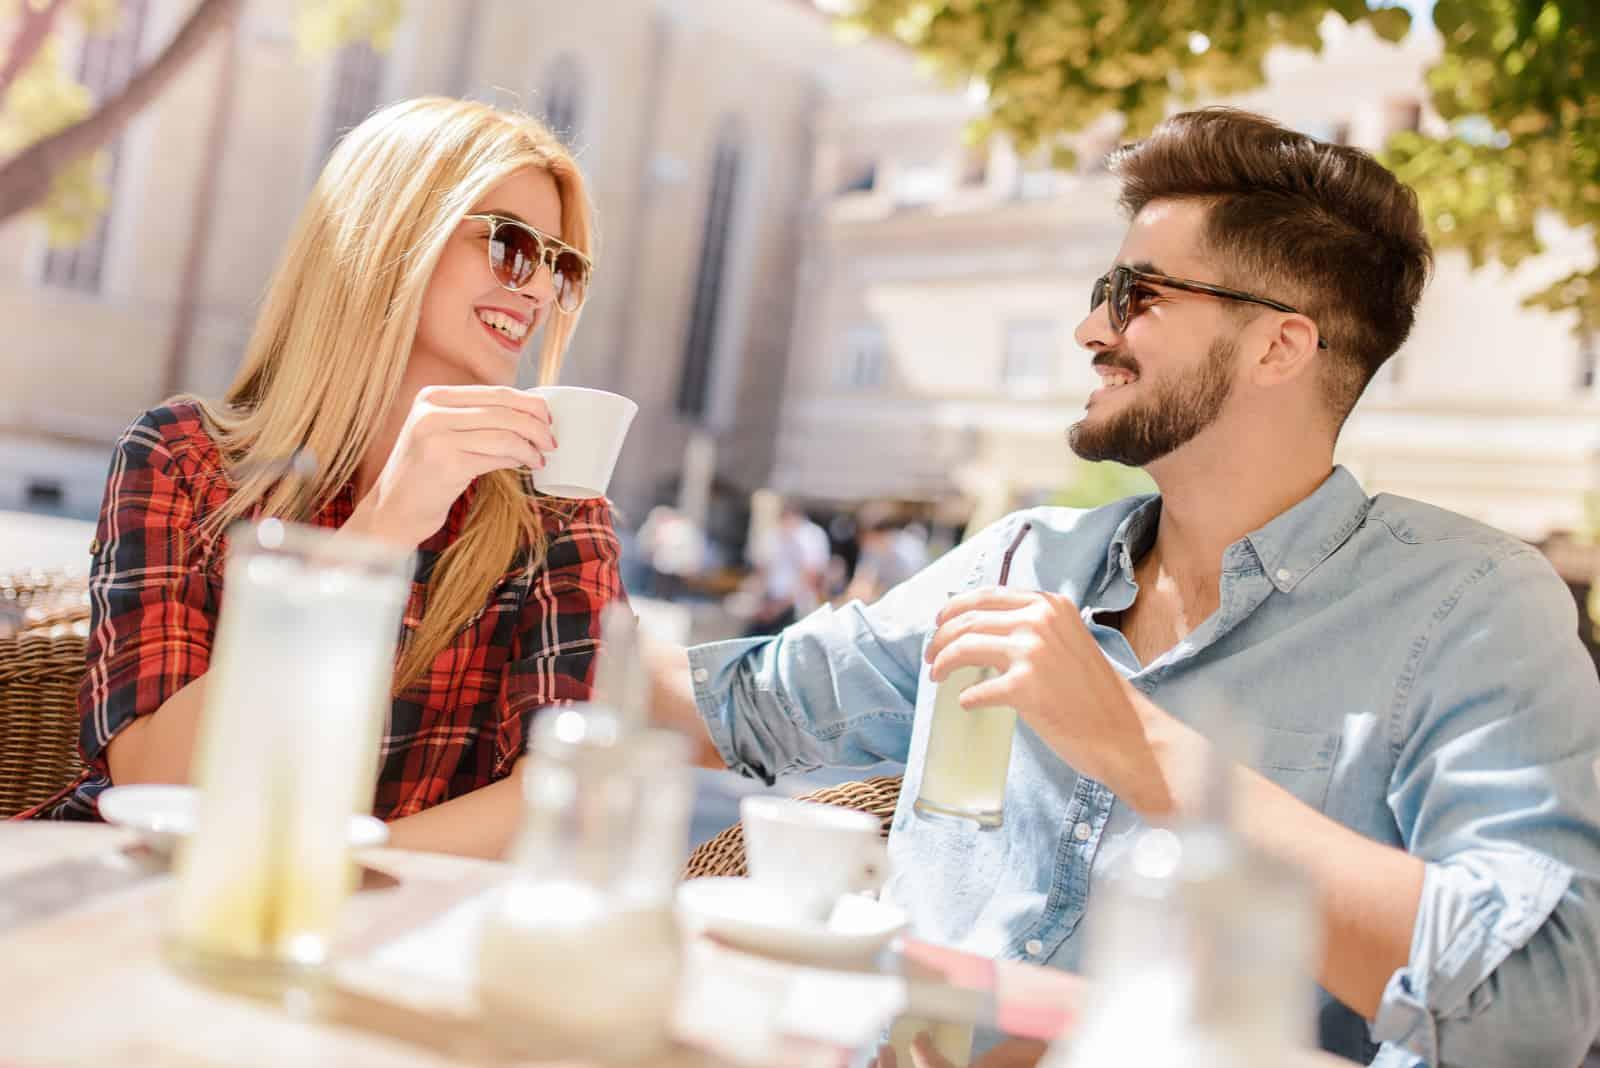 un homme et une femme s'assoient à l'extérieur et boivent du café